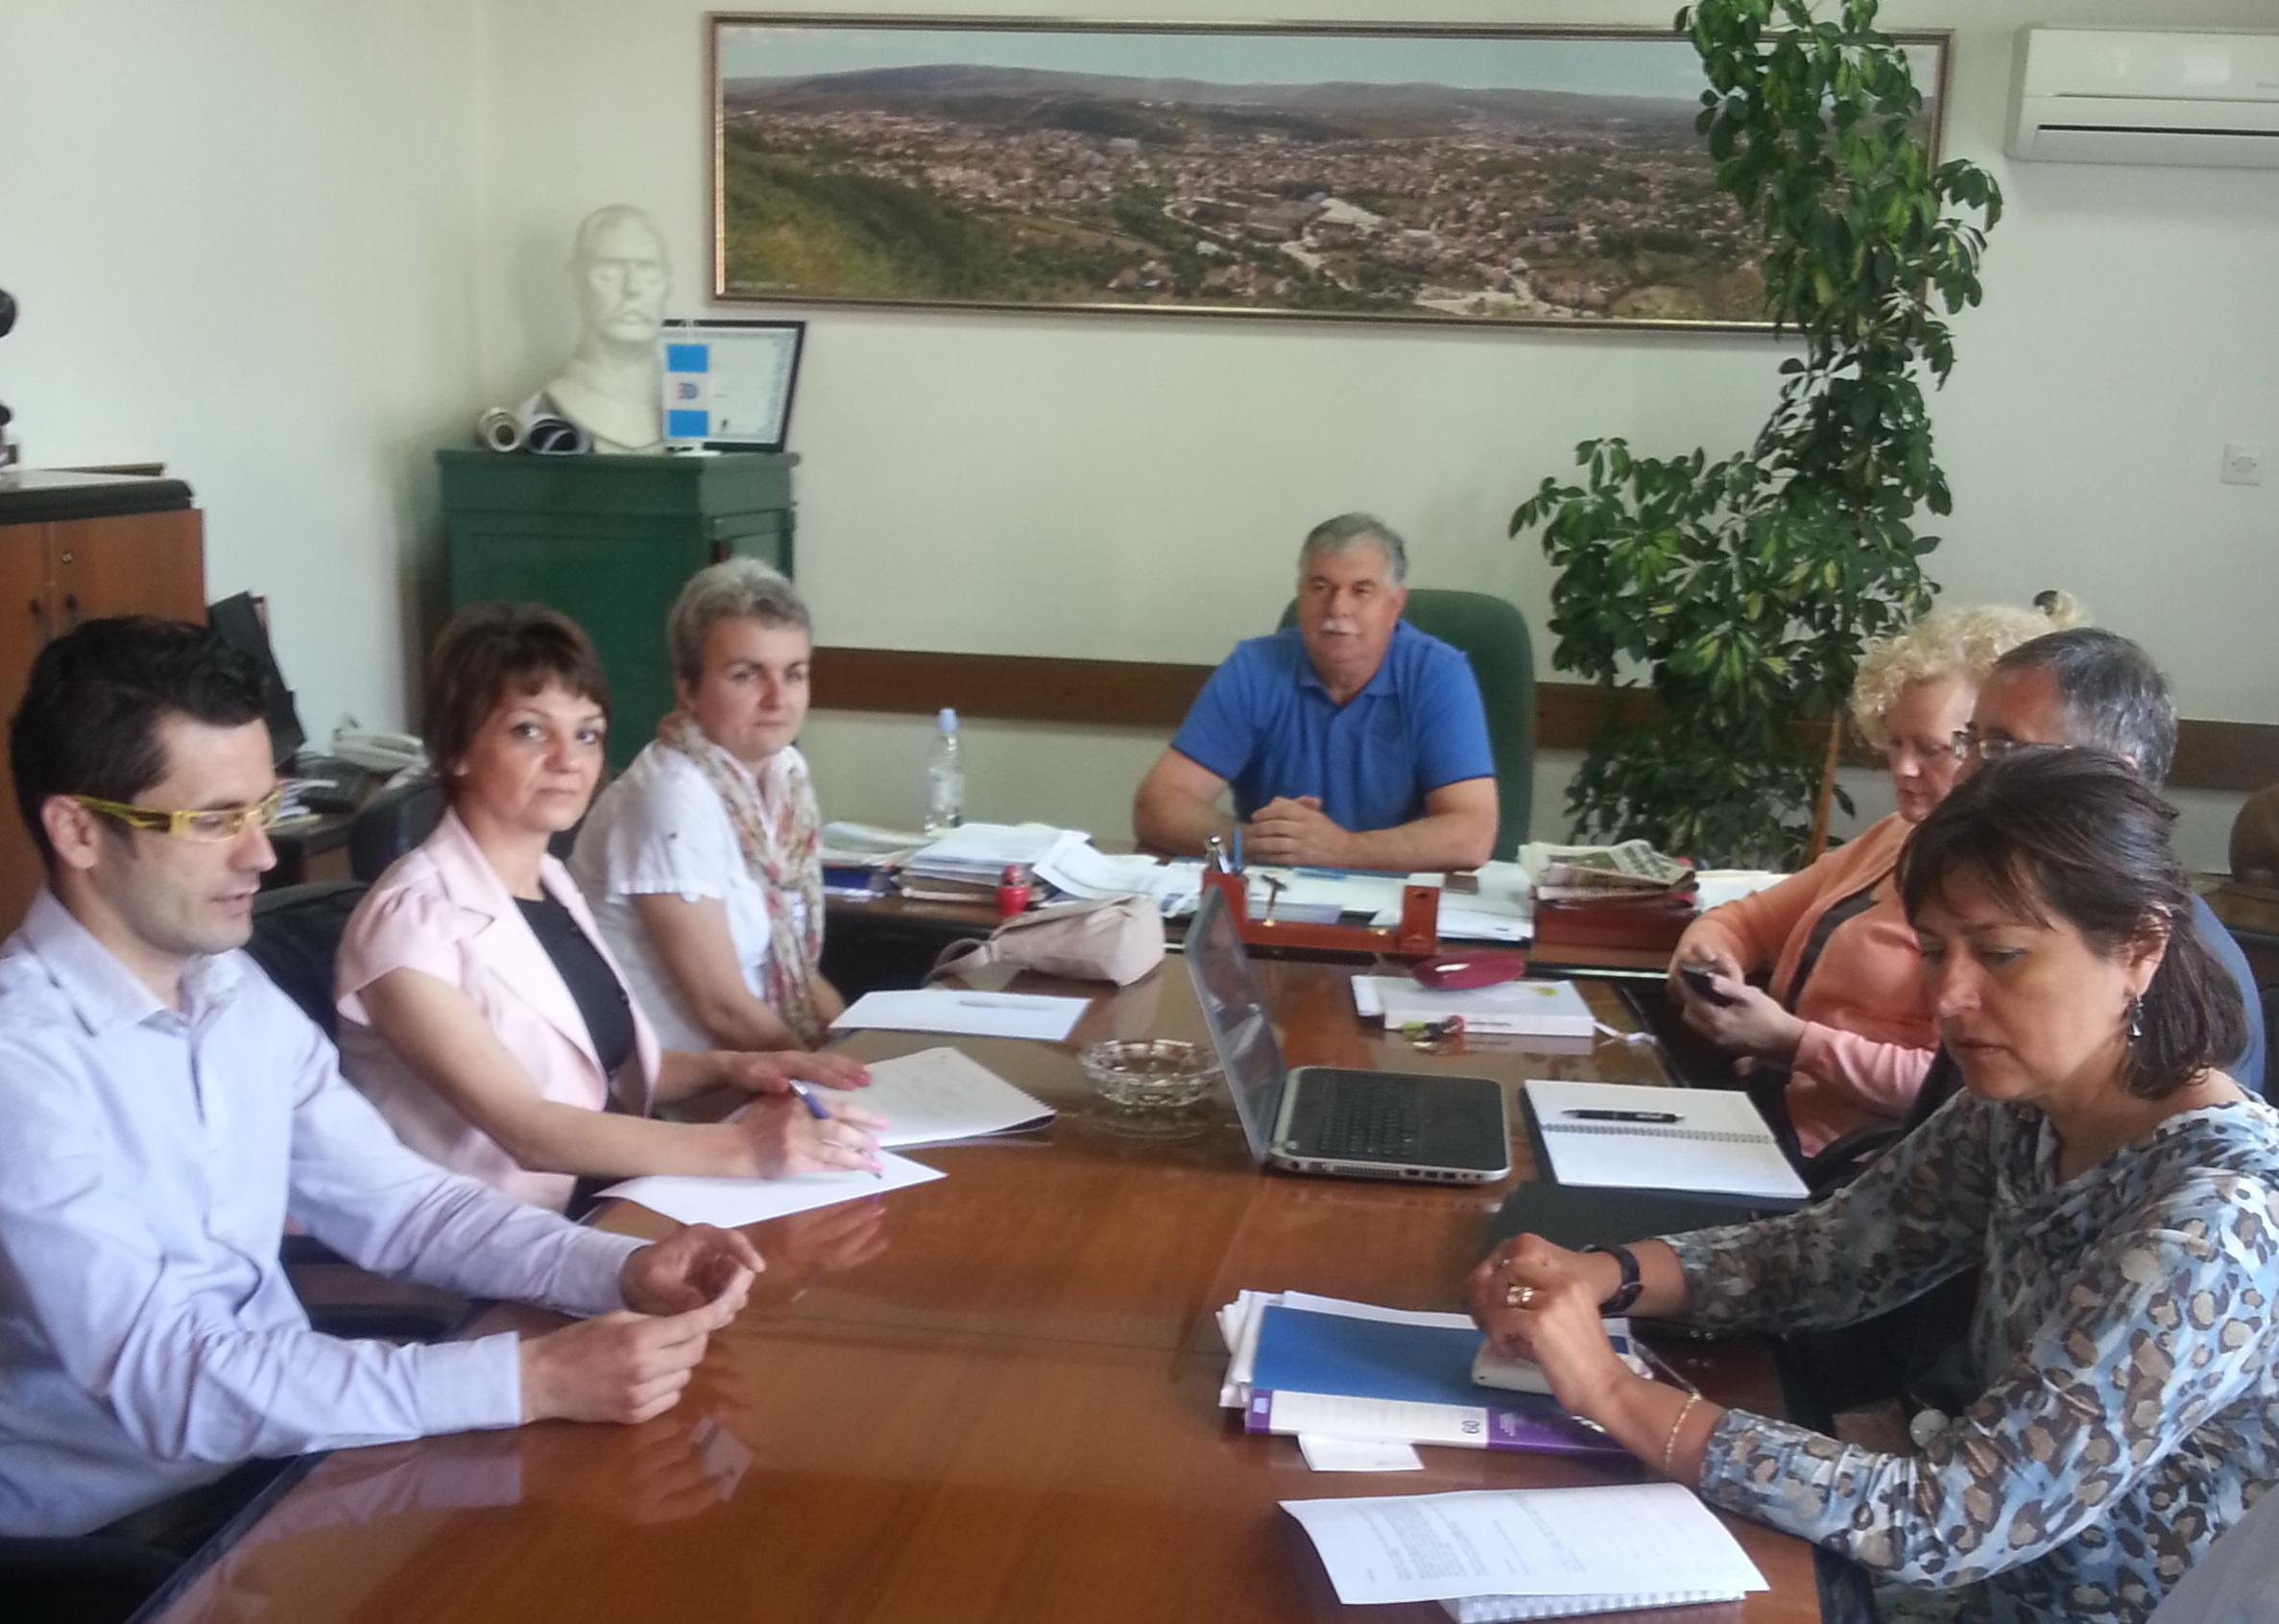 28.05.14. Detalj sa sastanka u Sirokom Brijegu